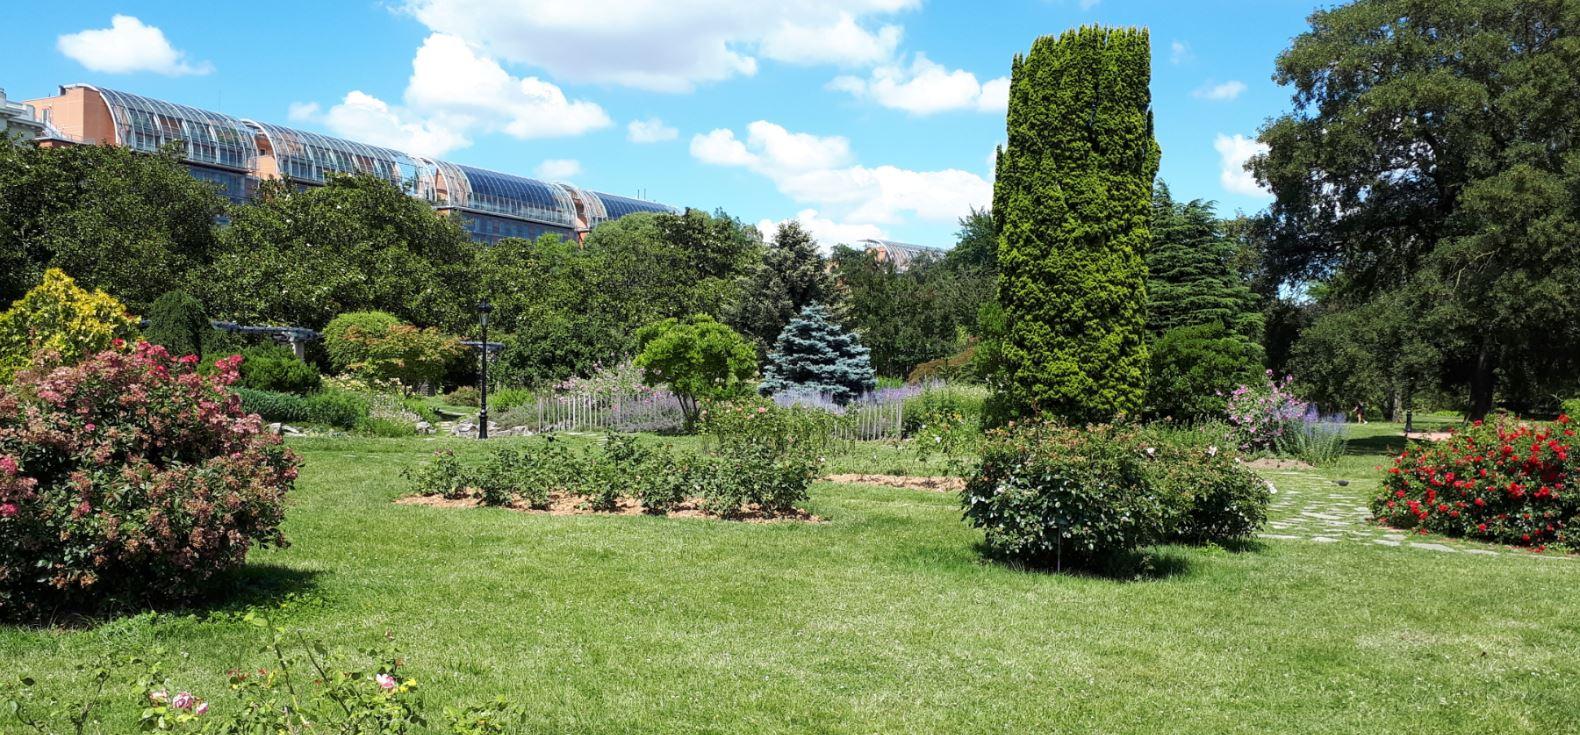 Le Parc de la Tête d'Or à Lyon avec en arrière plan la cité internationale